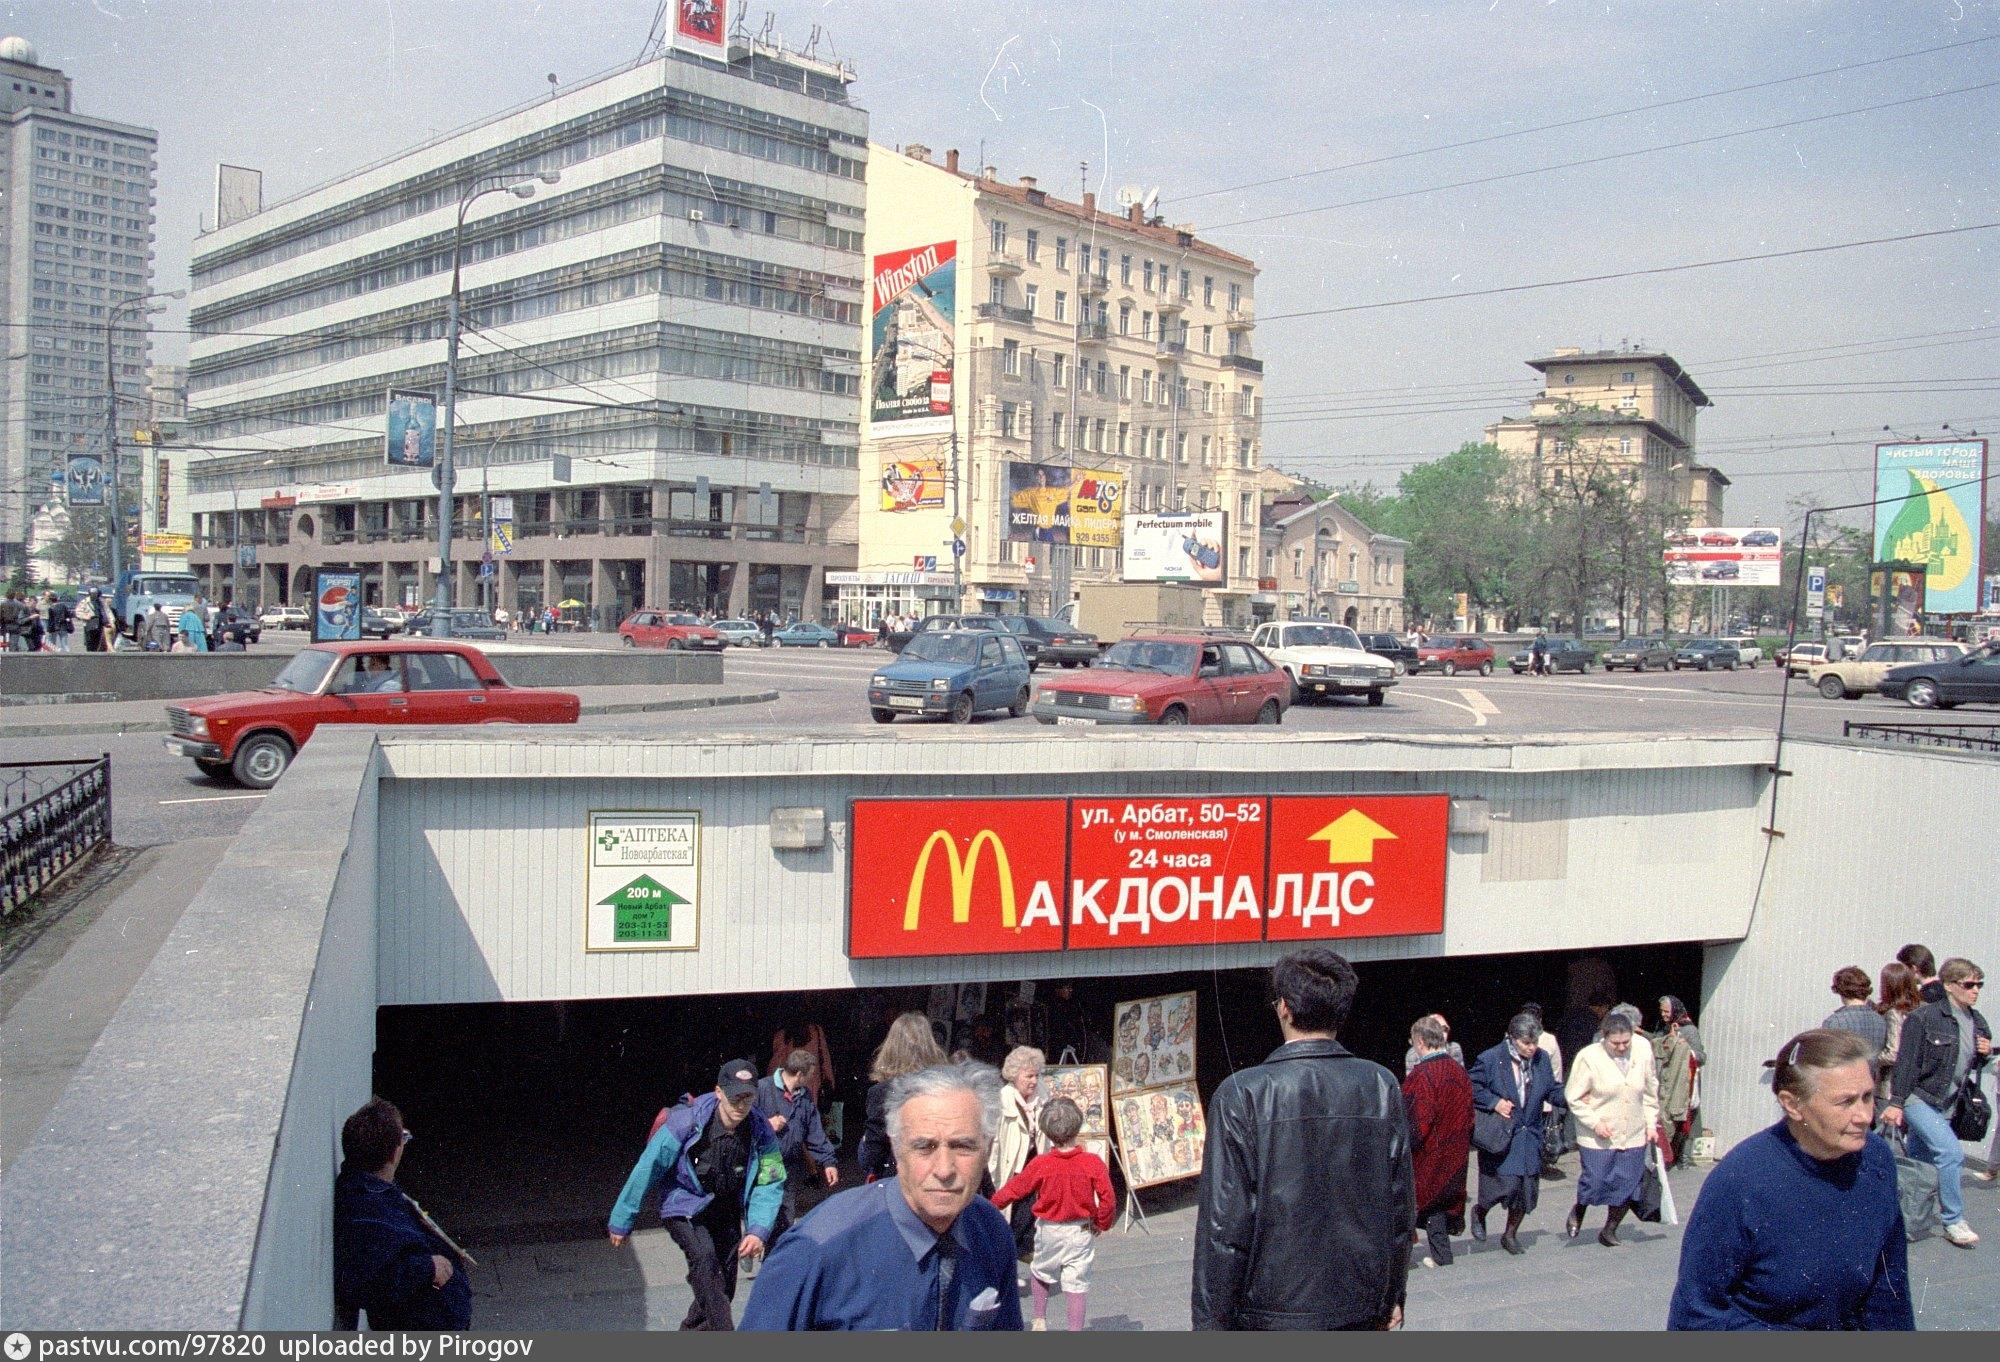 ФОТО МОСКВА Бесплатные фотографии Москвы по станциям метро